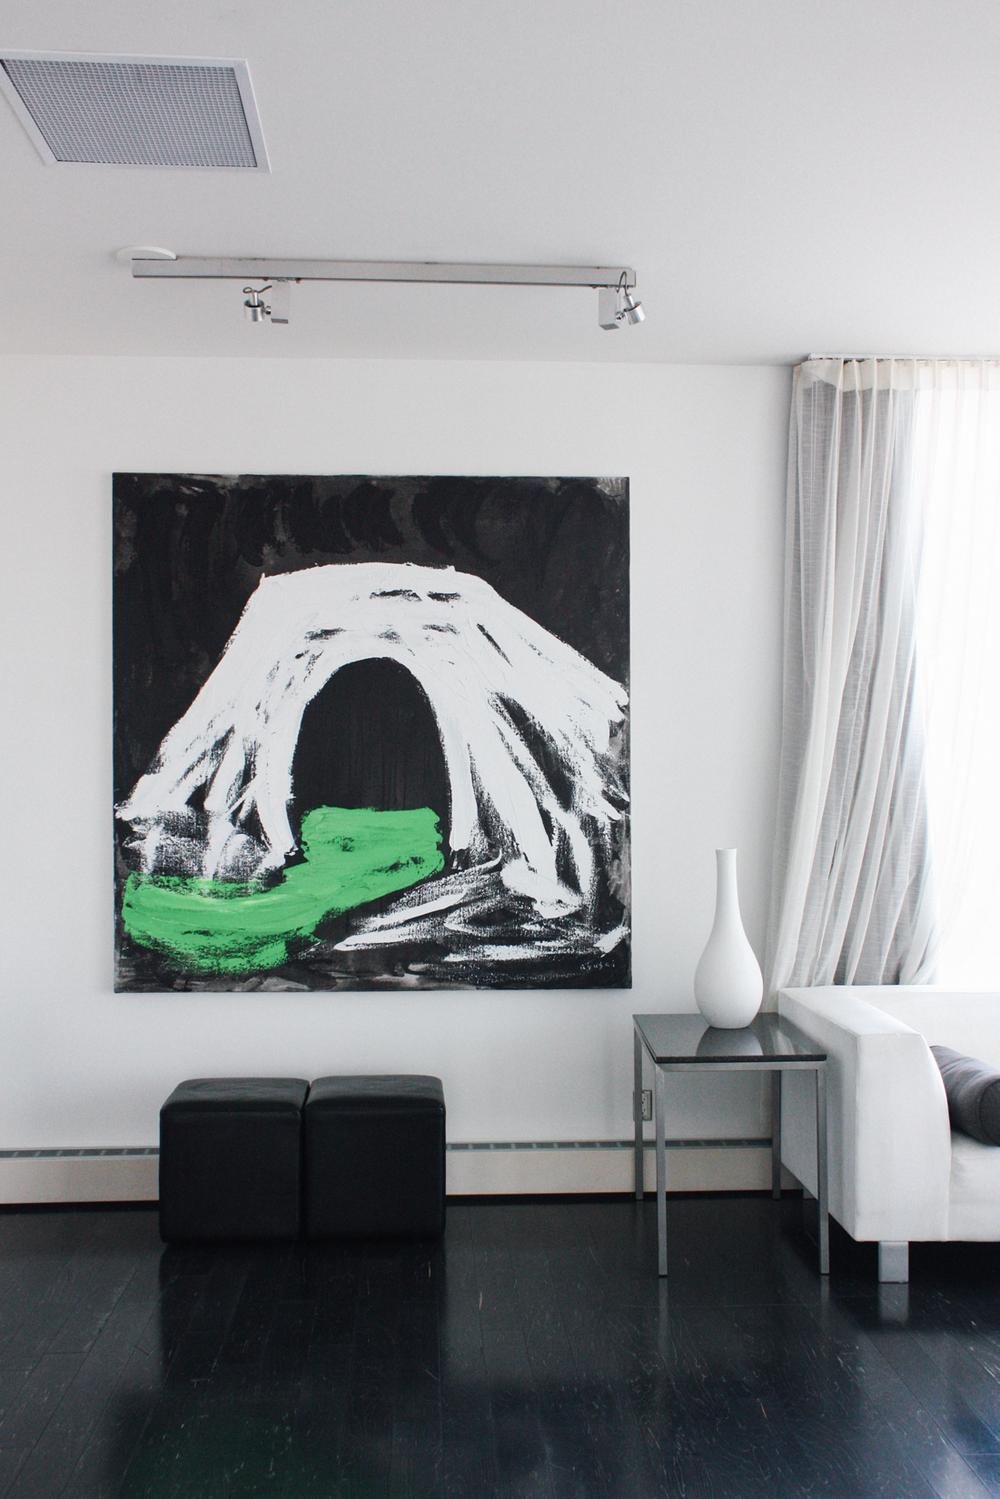 Home Sweet Hotel: Le Meridien Chambers | truelane